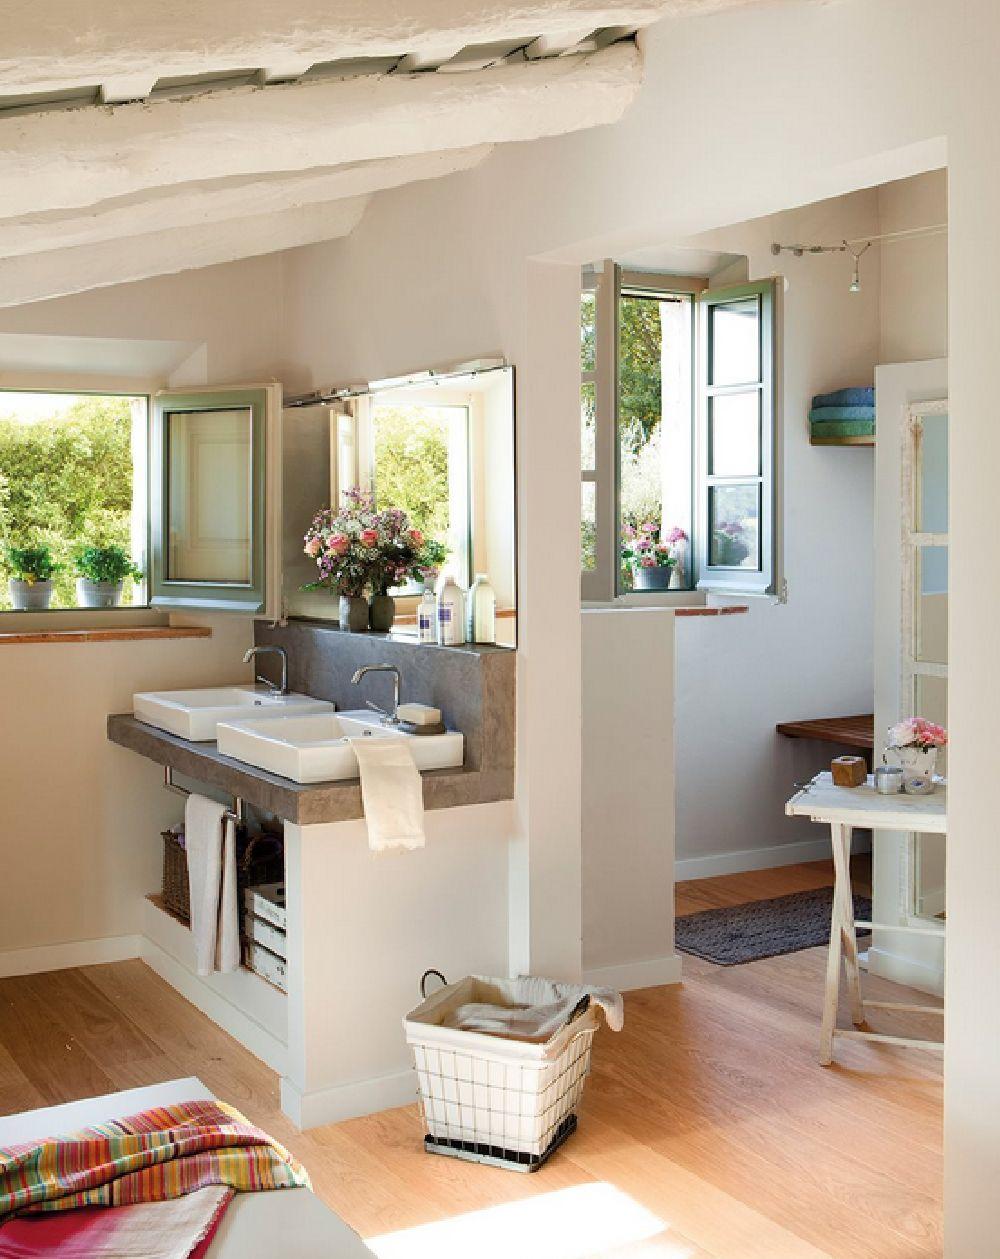 adelaparvu.com despre casa rustica catalana cu interior elegant decorat, design interior Gemma Mateos, Foto ElMueble (16)